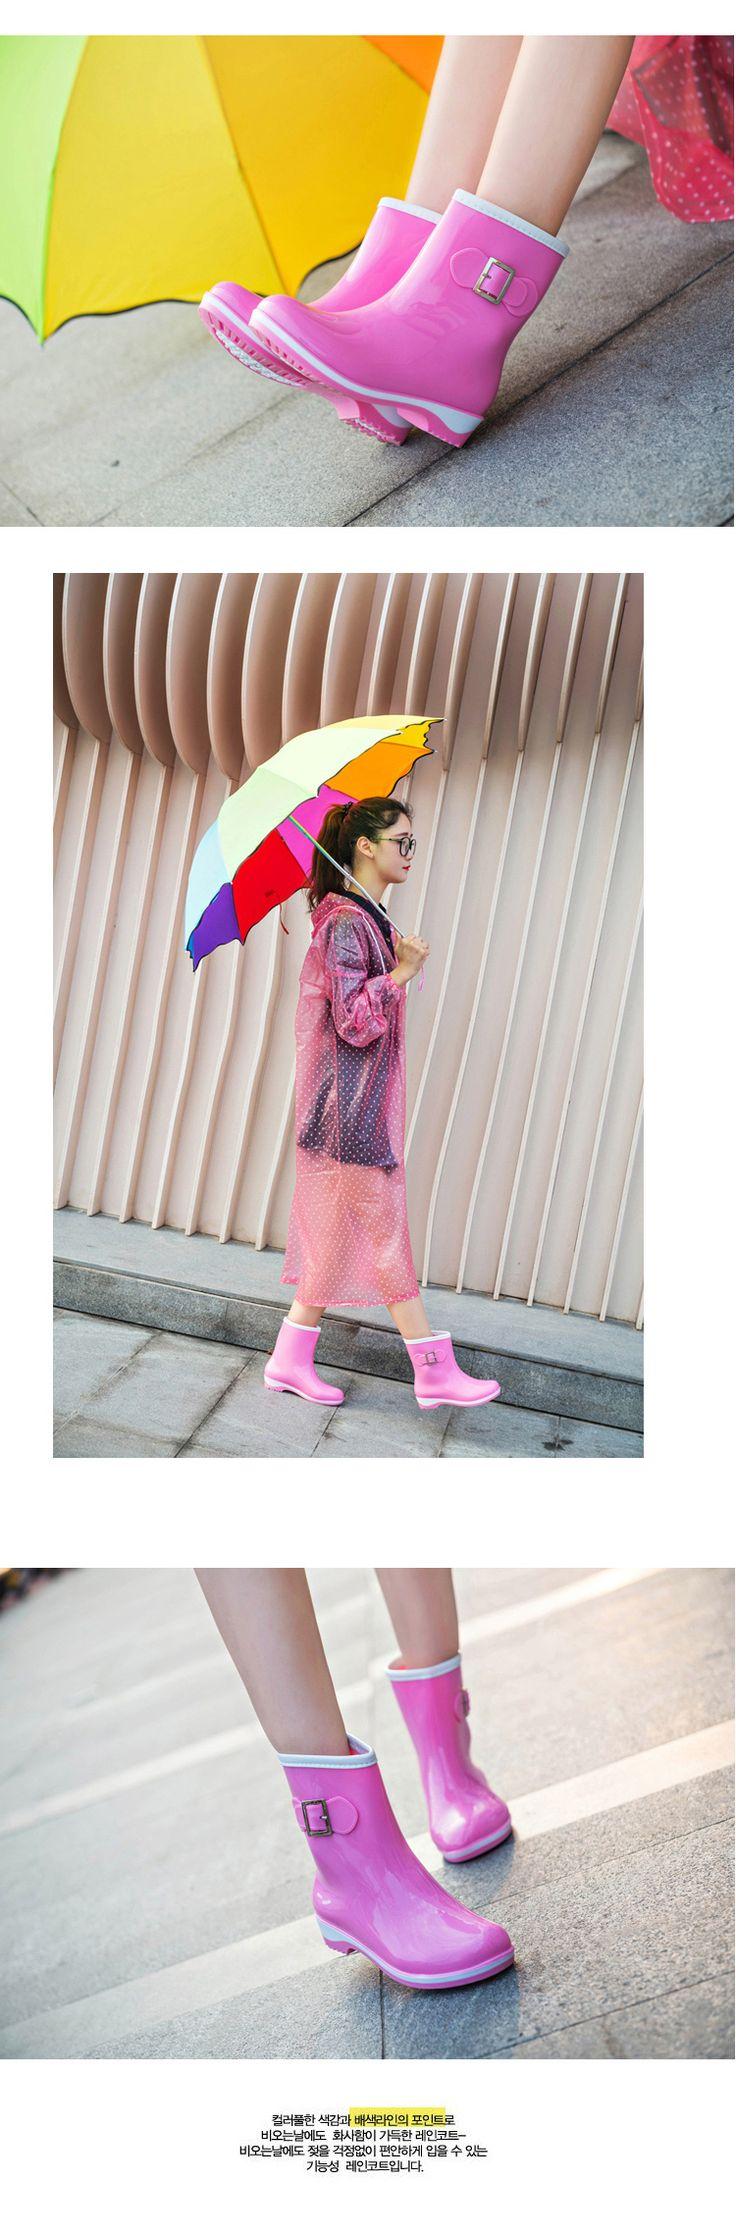 Корейский женские Мисс Ся Mading сапоги Duantong желе обувь сапоги скольжения воды обувь галоши женские модели сплошной цвет ход -tmall.com Lynx